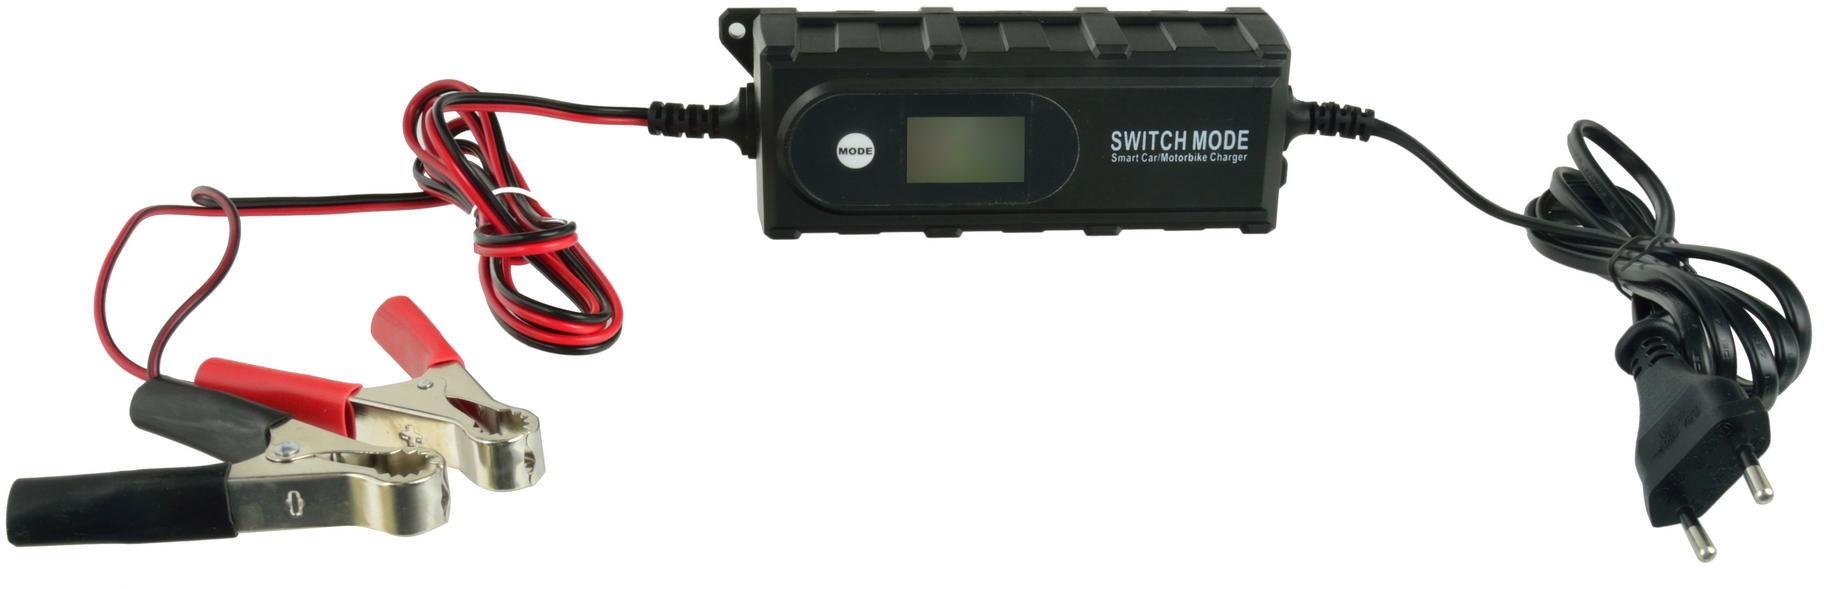 Prostownik (ładowarka) do akumulatorów GEL i AGM 6/12V (G80009)